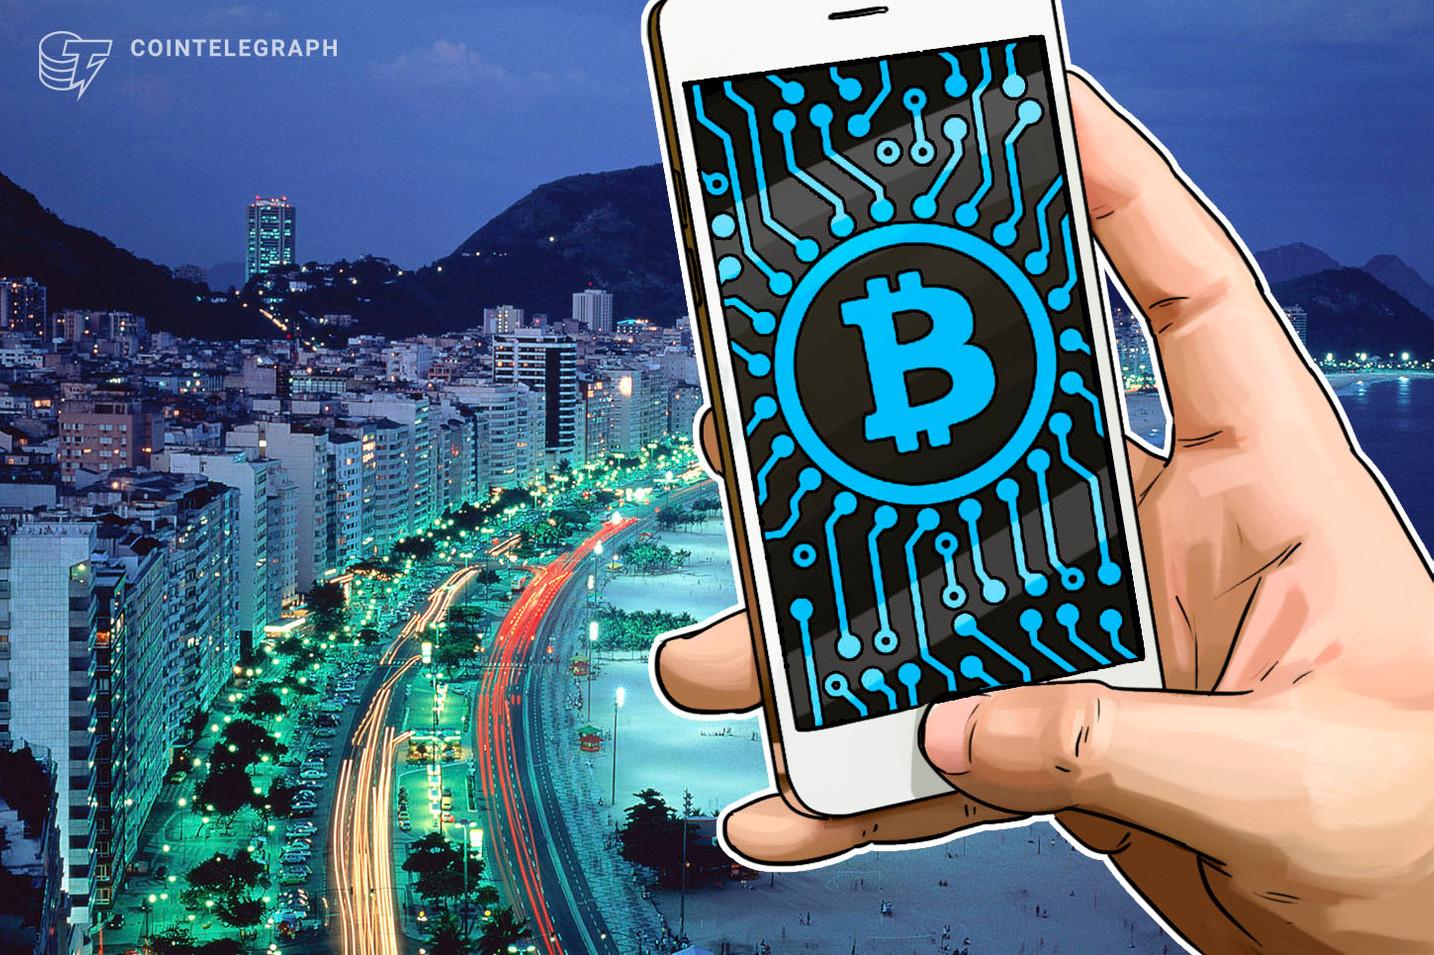 """Vodeća brazilska robna kuća sklapa partnerstvo sa servisom za plaćanje kriptovalutama kako bi """"podstakla usvajanje"""""""